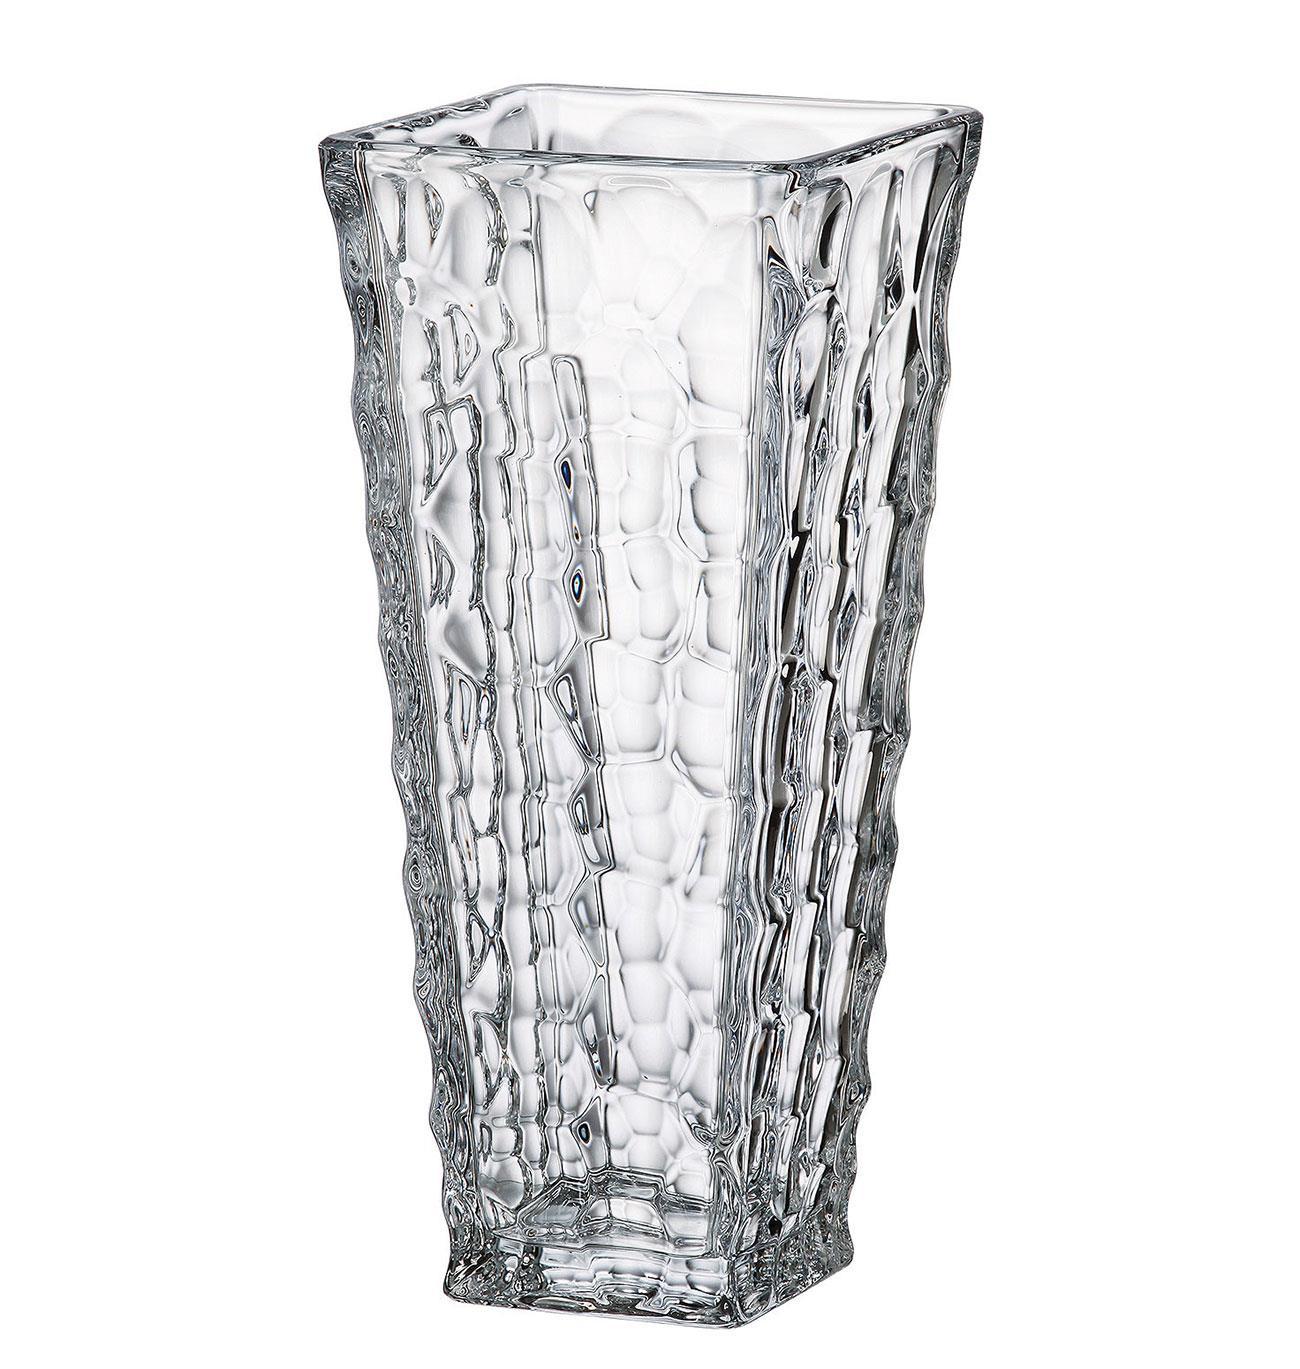 Βάζο διακοσμητικό Marble κρυστάλλινο διάφανο 30.5cm Bohemia